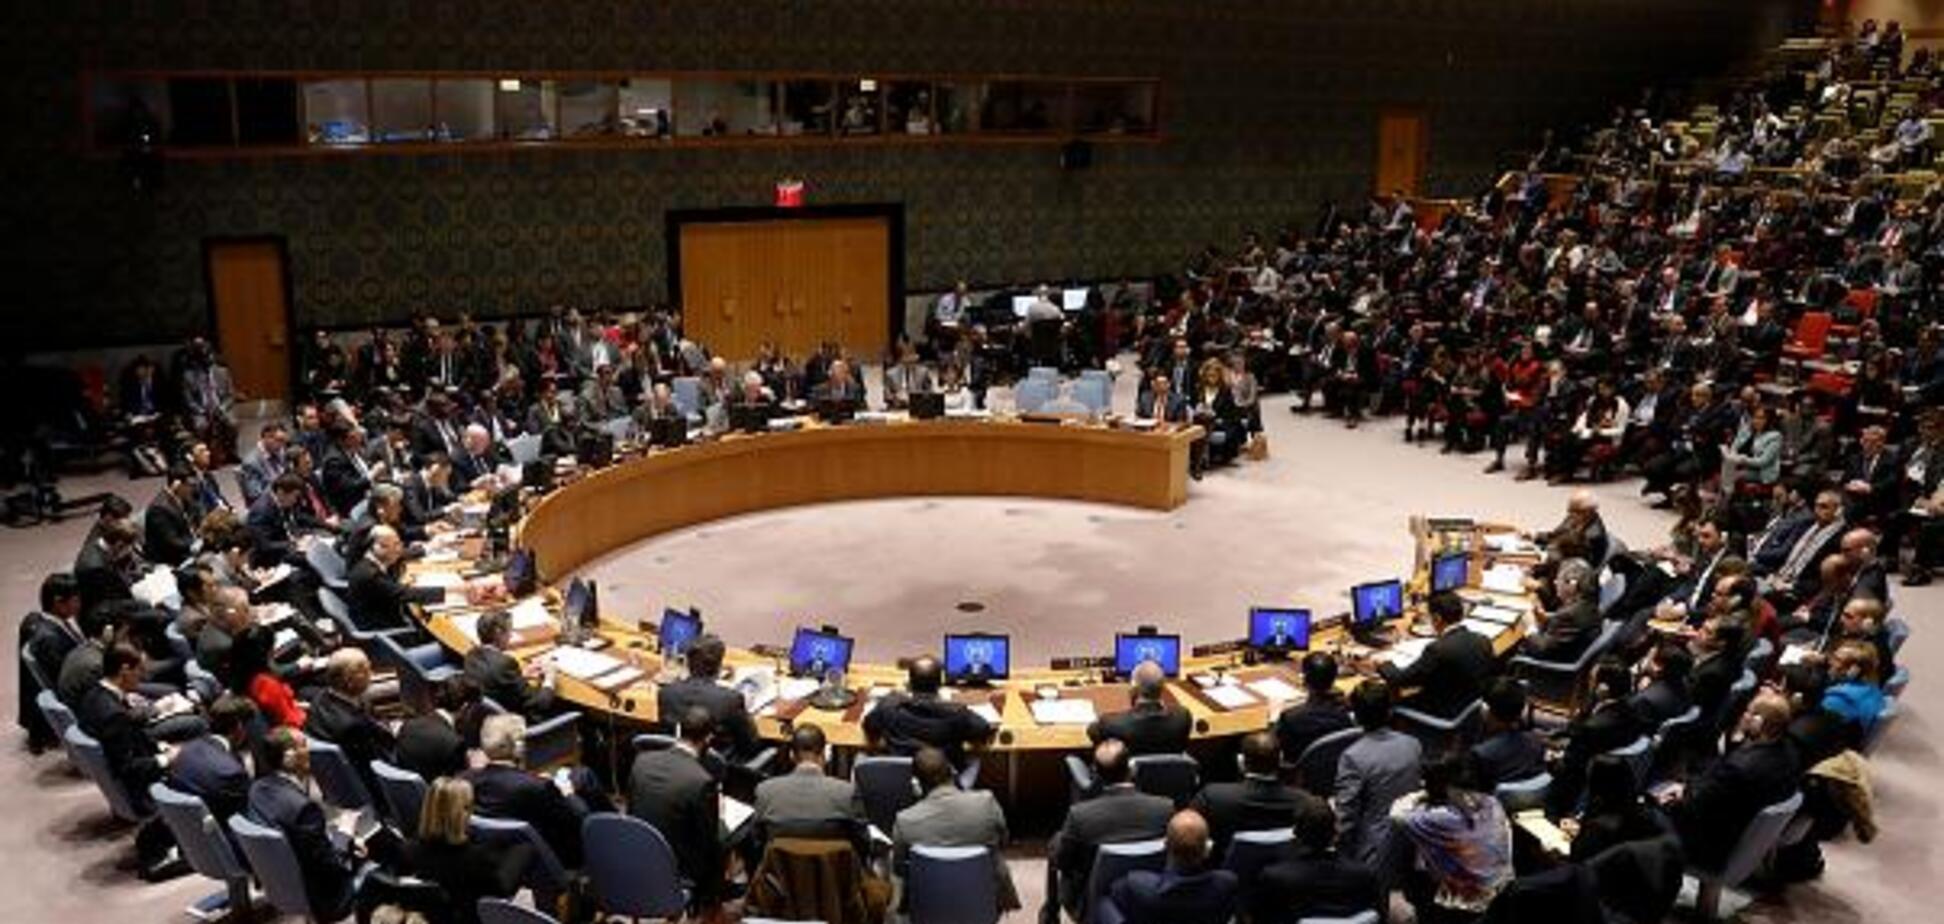 Отклонили два проекта: что произошло на Совбезе ООН по химатаке в Сирии